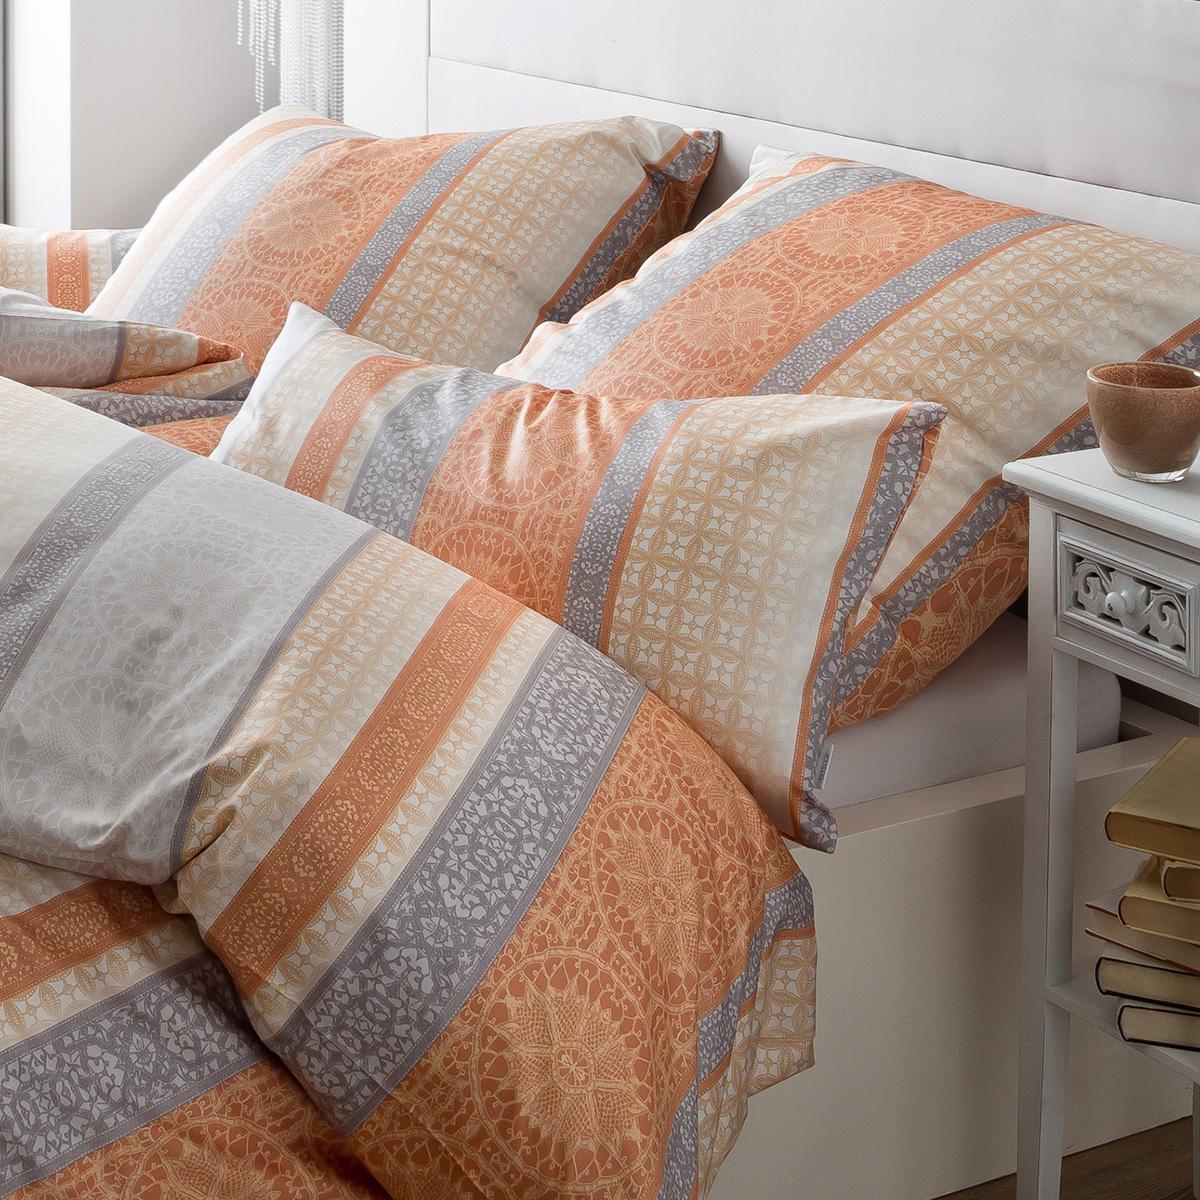 estella mako interlock jersey bettw sche 6252 360 orange. Black Bedroom Furniture Sets. Home Design Ideas